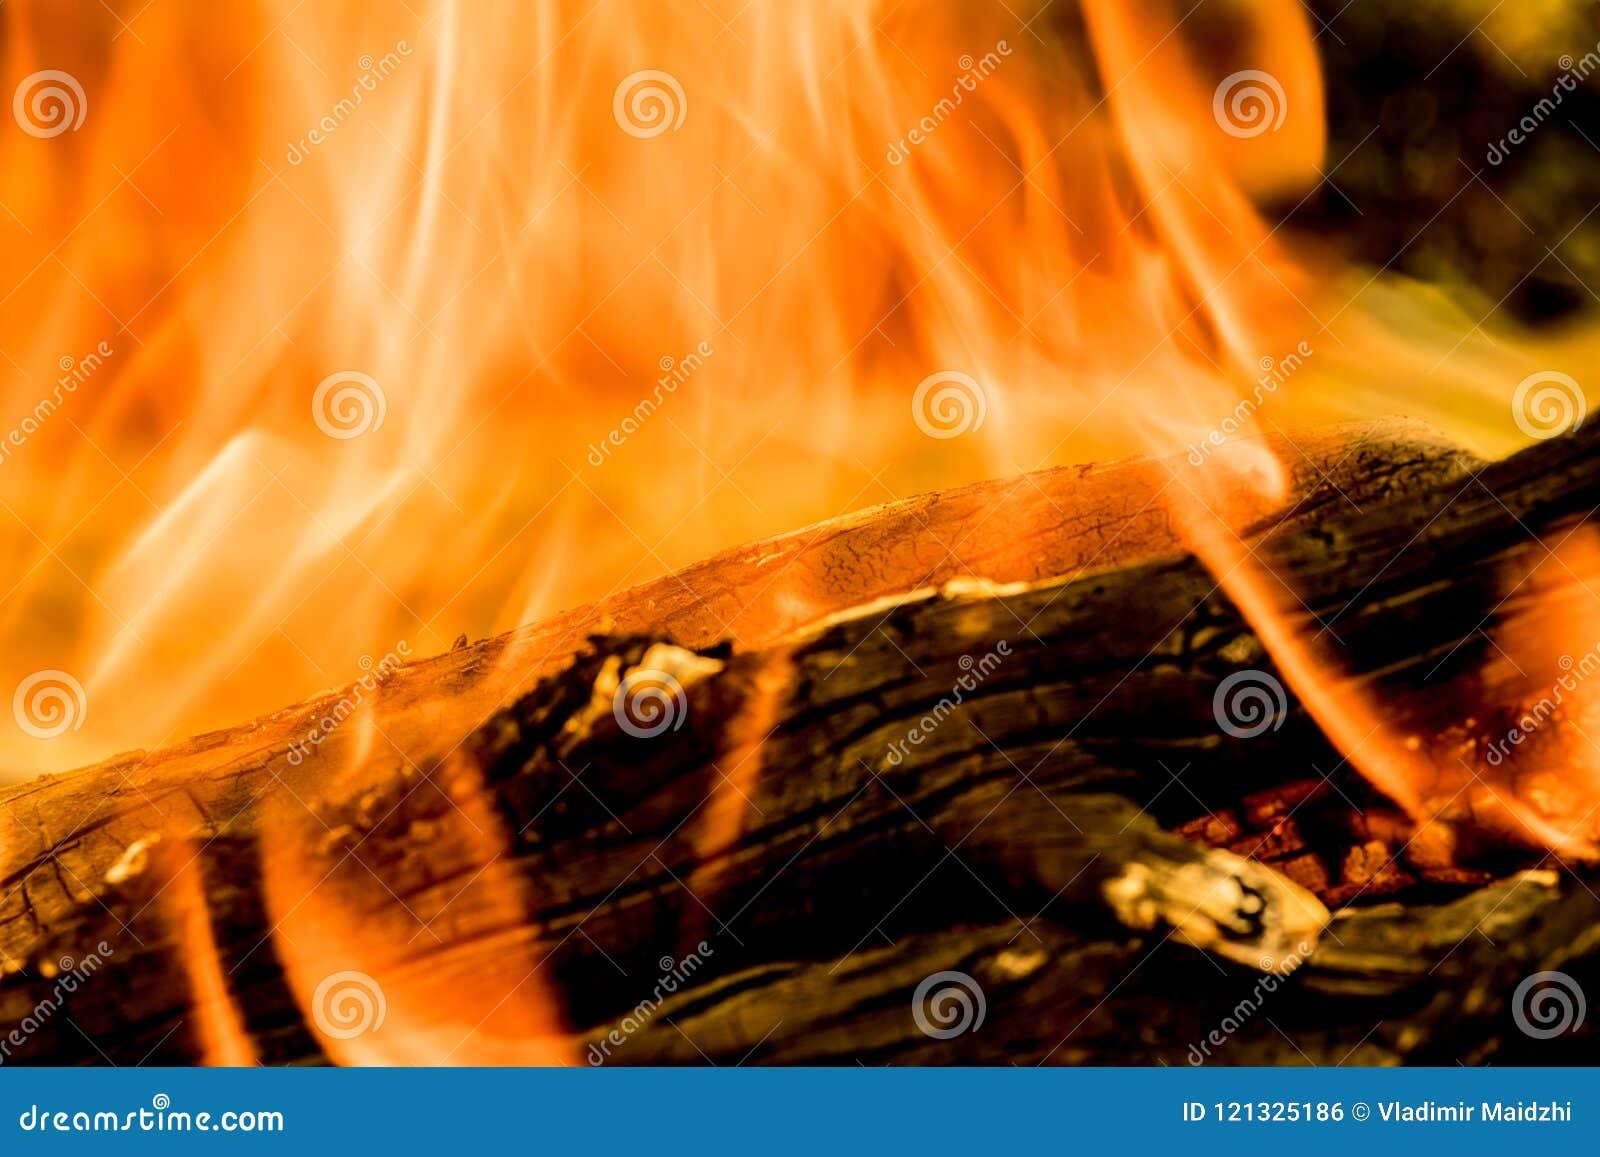 Предпосылка или текстура горя огня, дыма, древесины, золы и угля